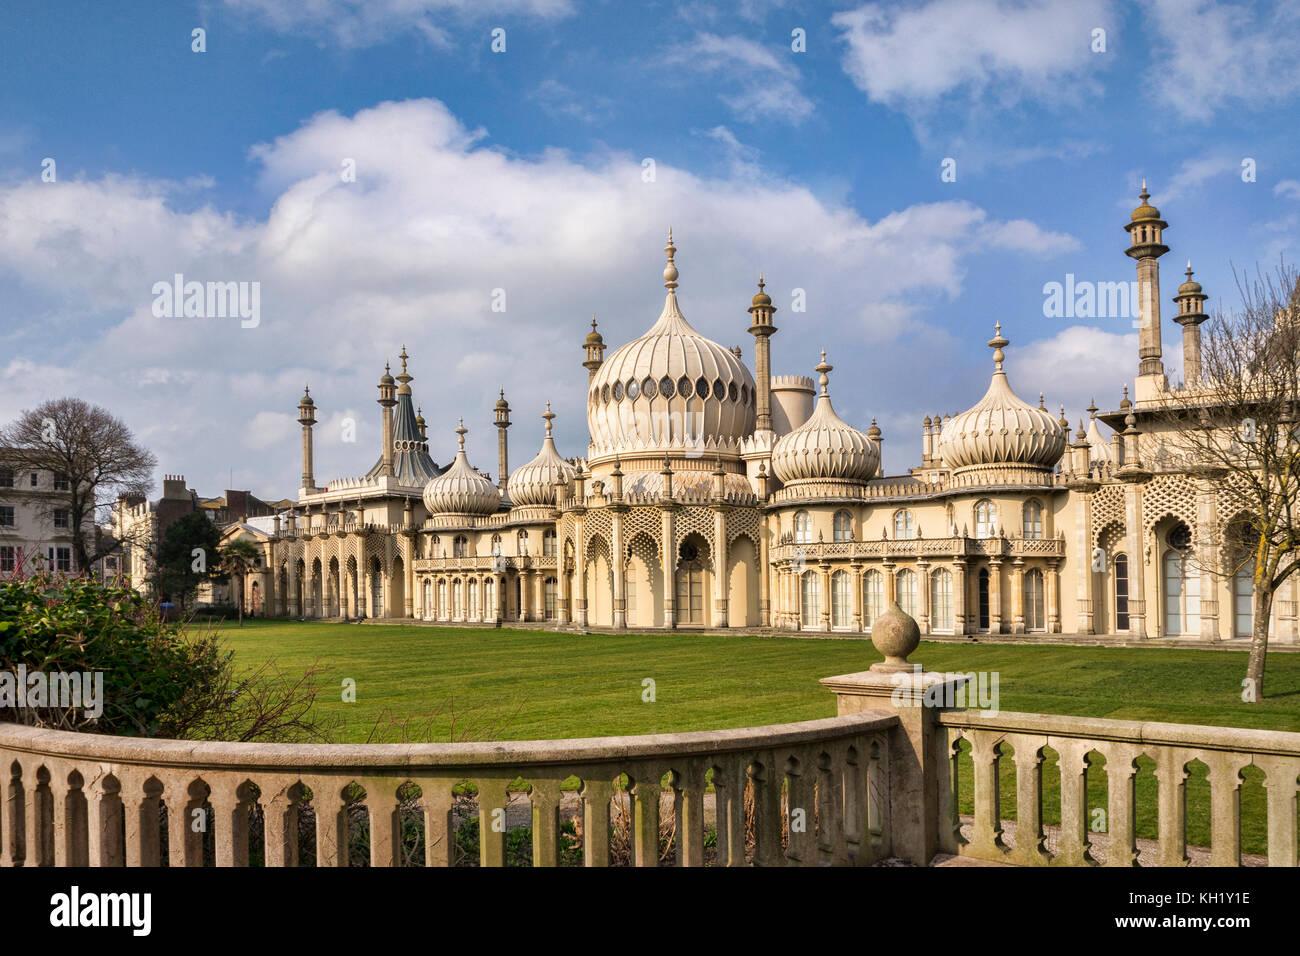 Il Royal Pavilion, Brighton, Sussex, Inghilterra, Regno Unito. Immagini Stock